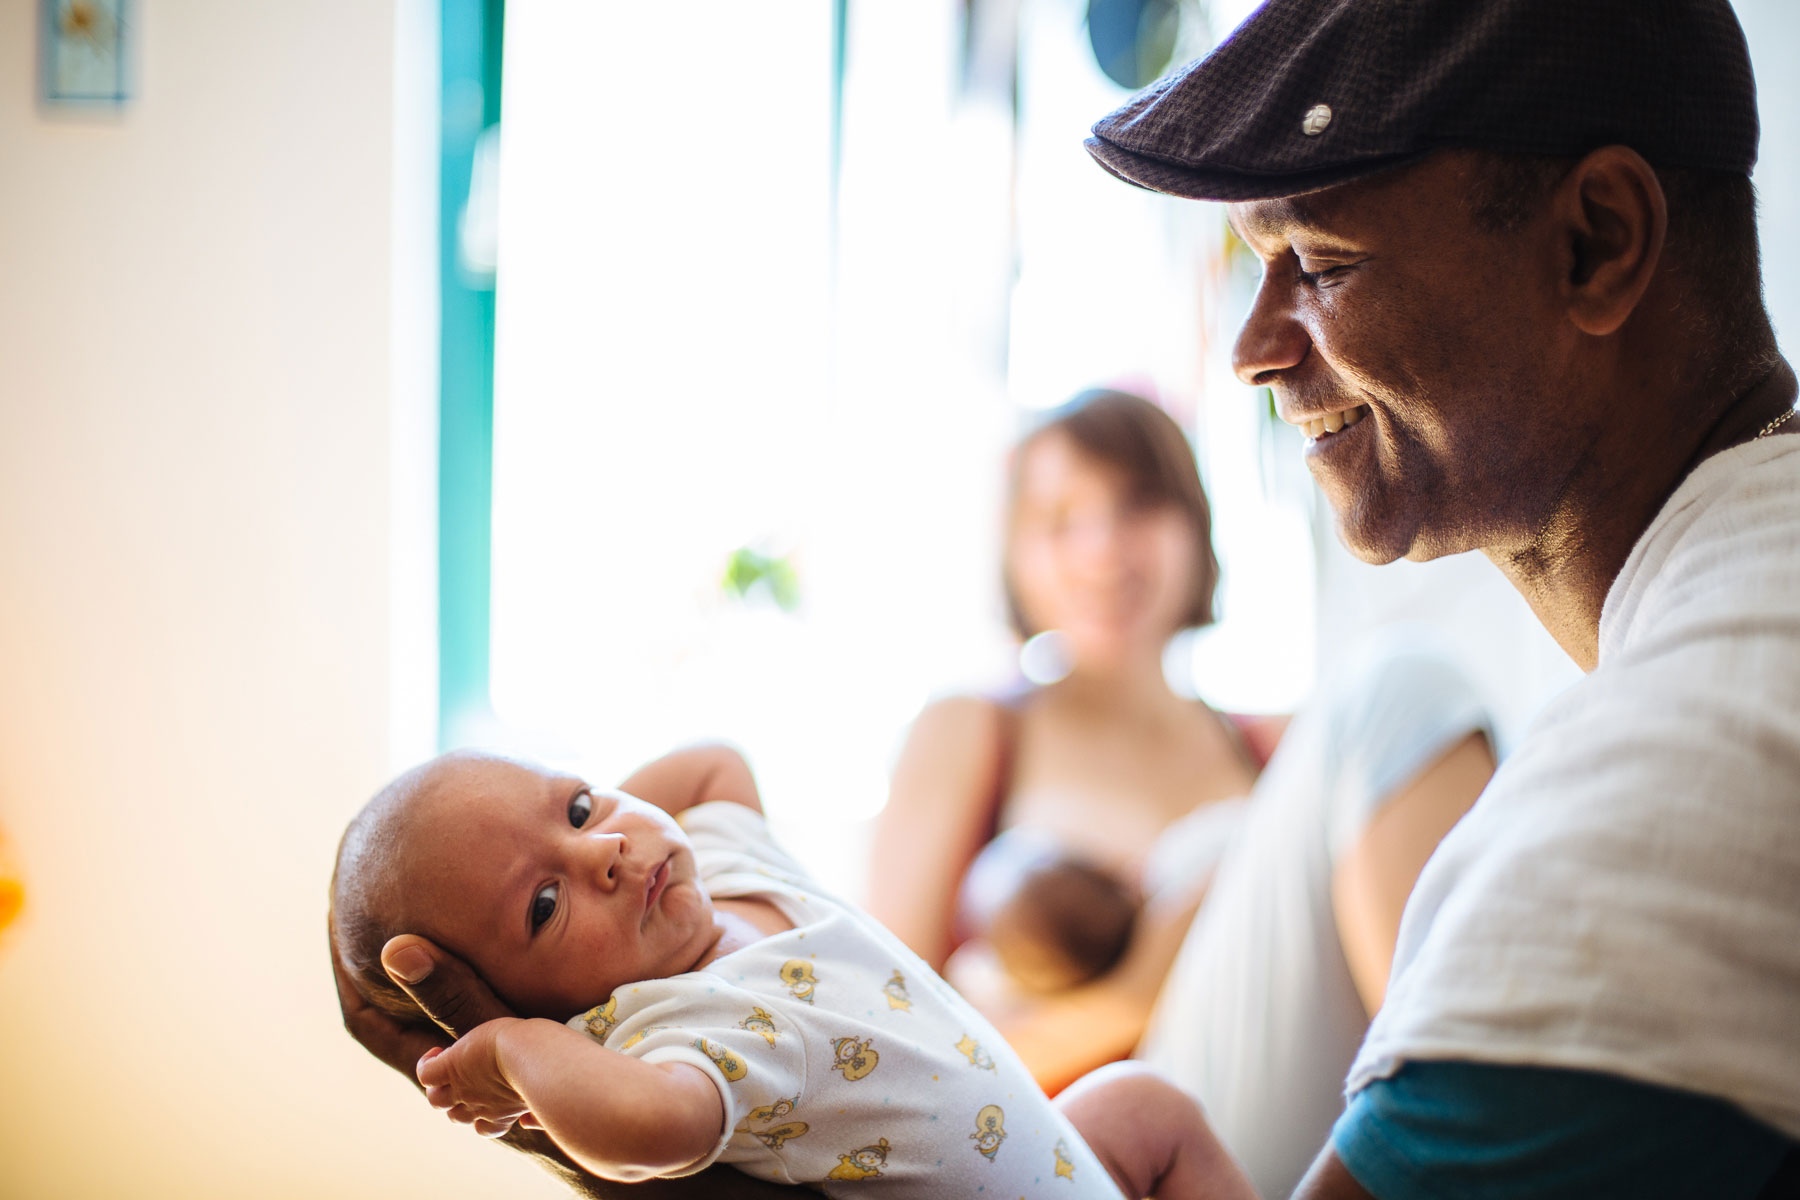 Papa betrachtet lächelnd sein Baby